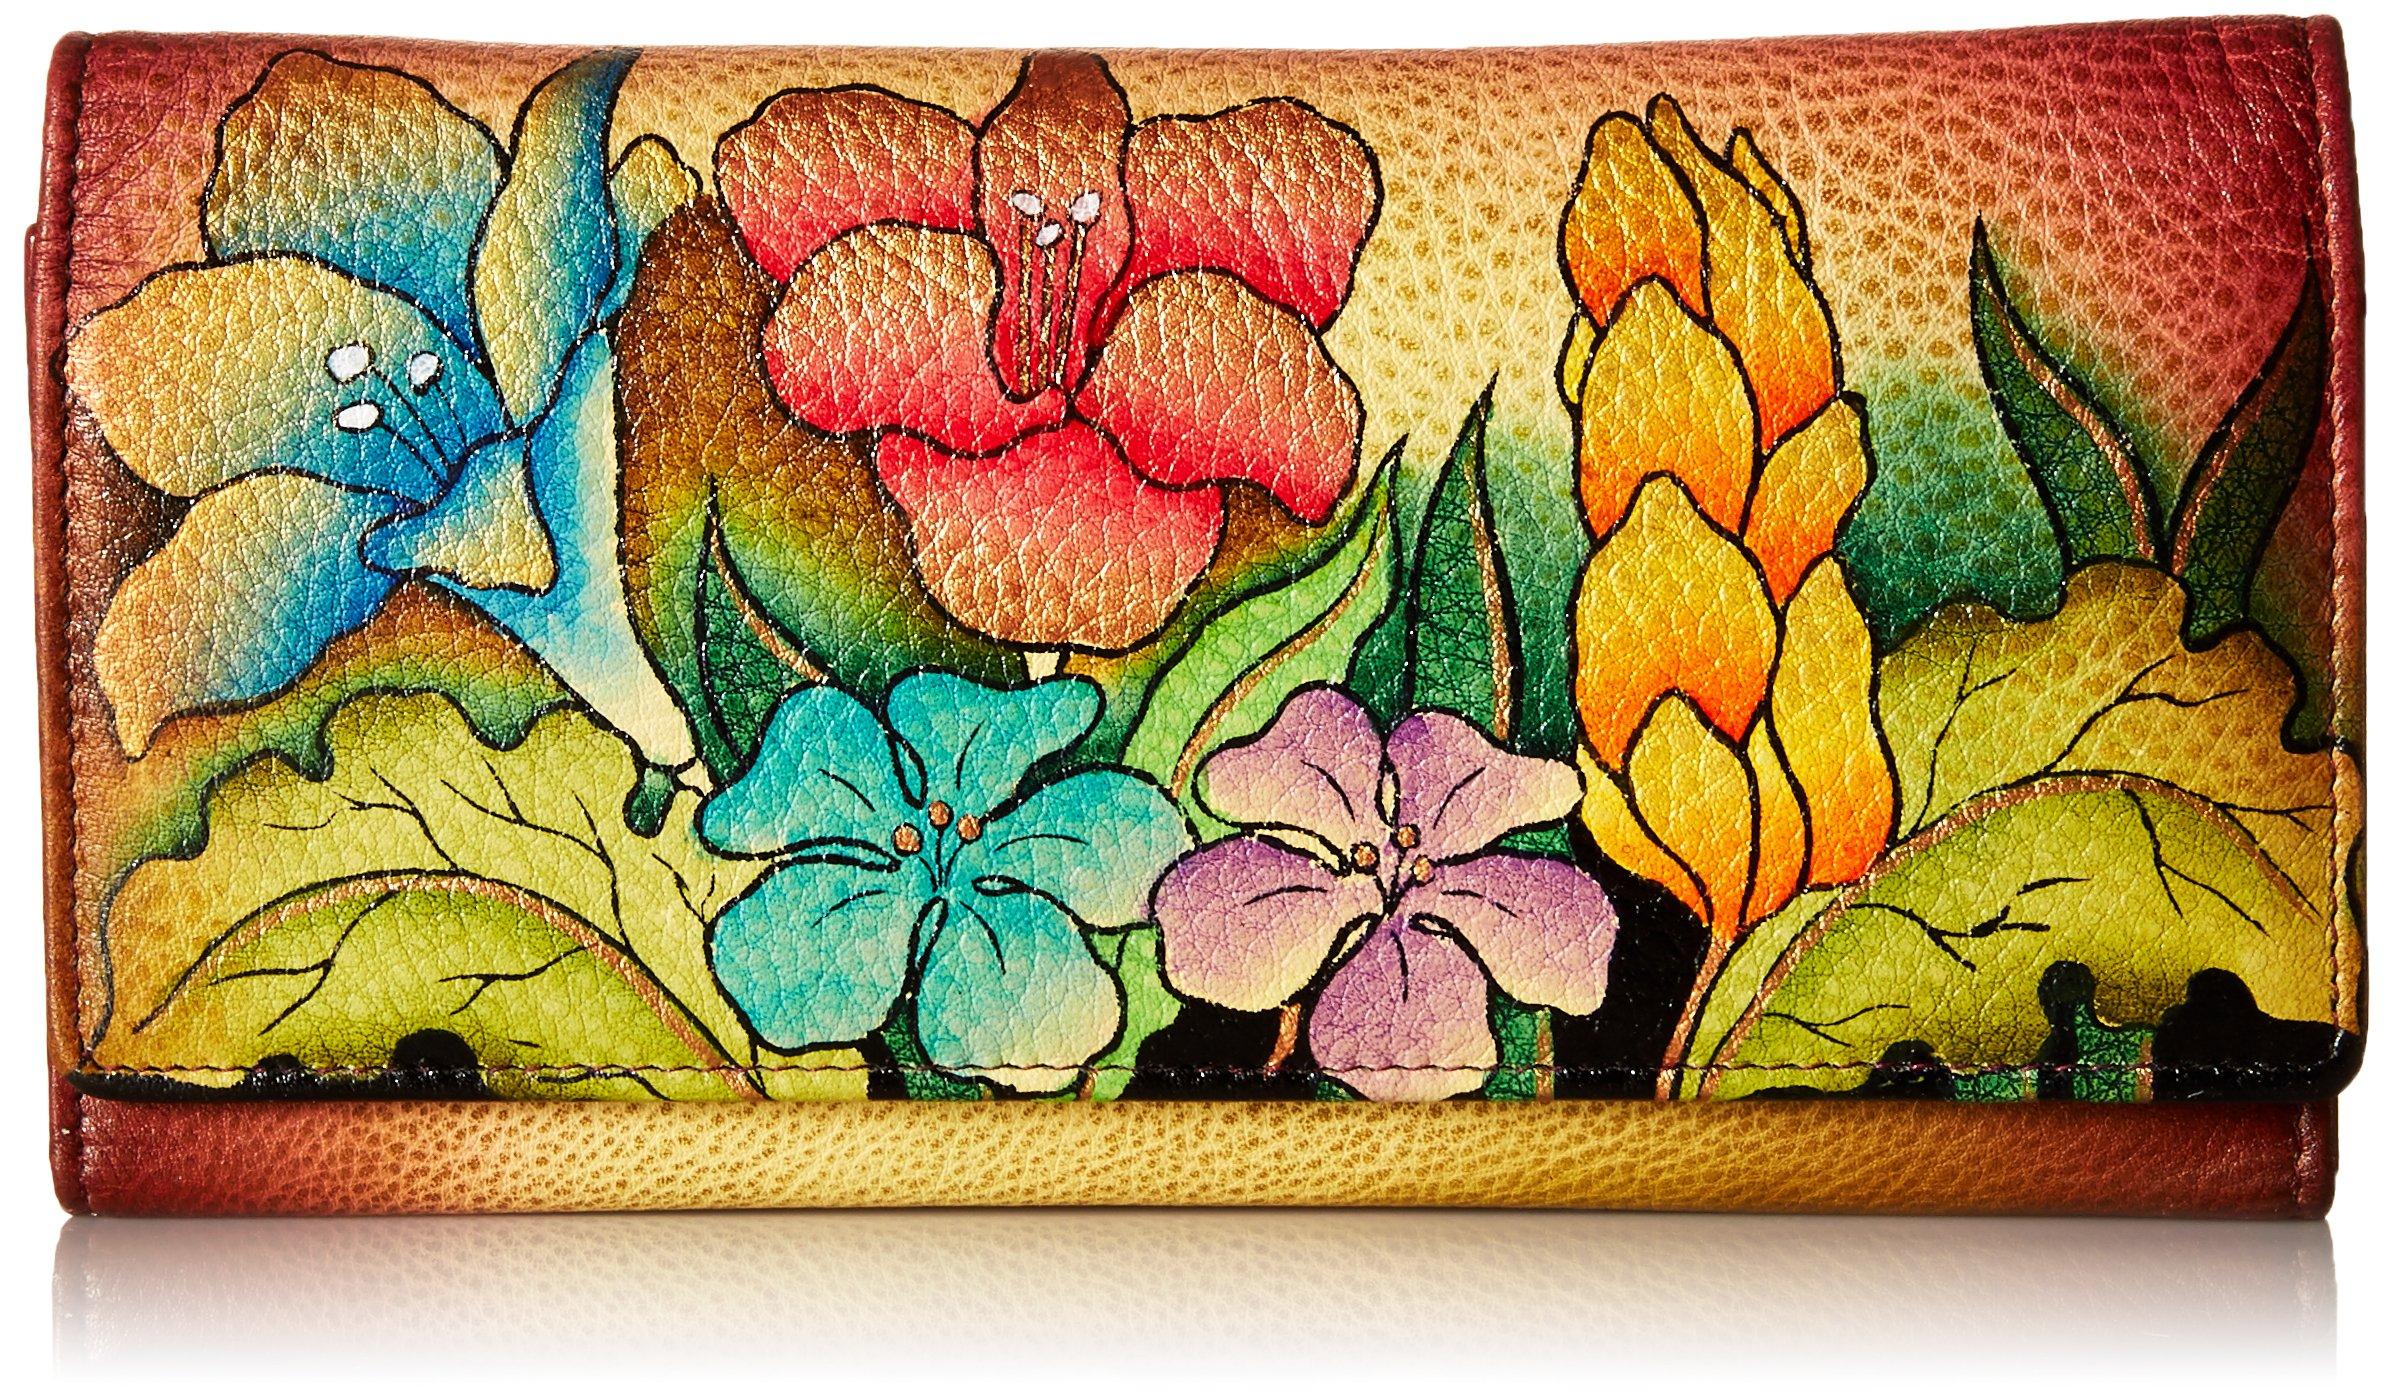 Anna by Anuschka Hand Painted Leather | Multi Pocket Clutch / Wallet | Mediterranean Garden